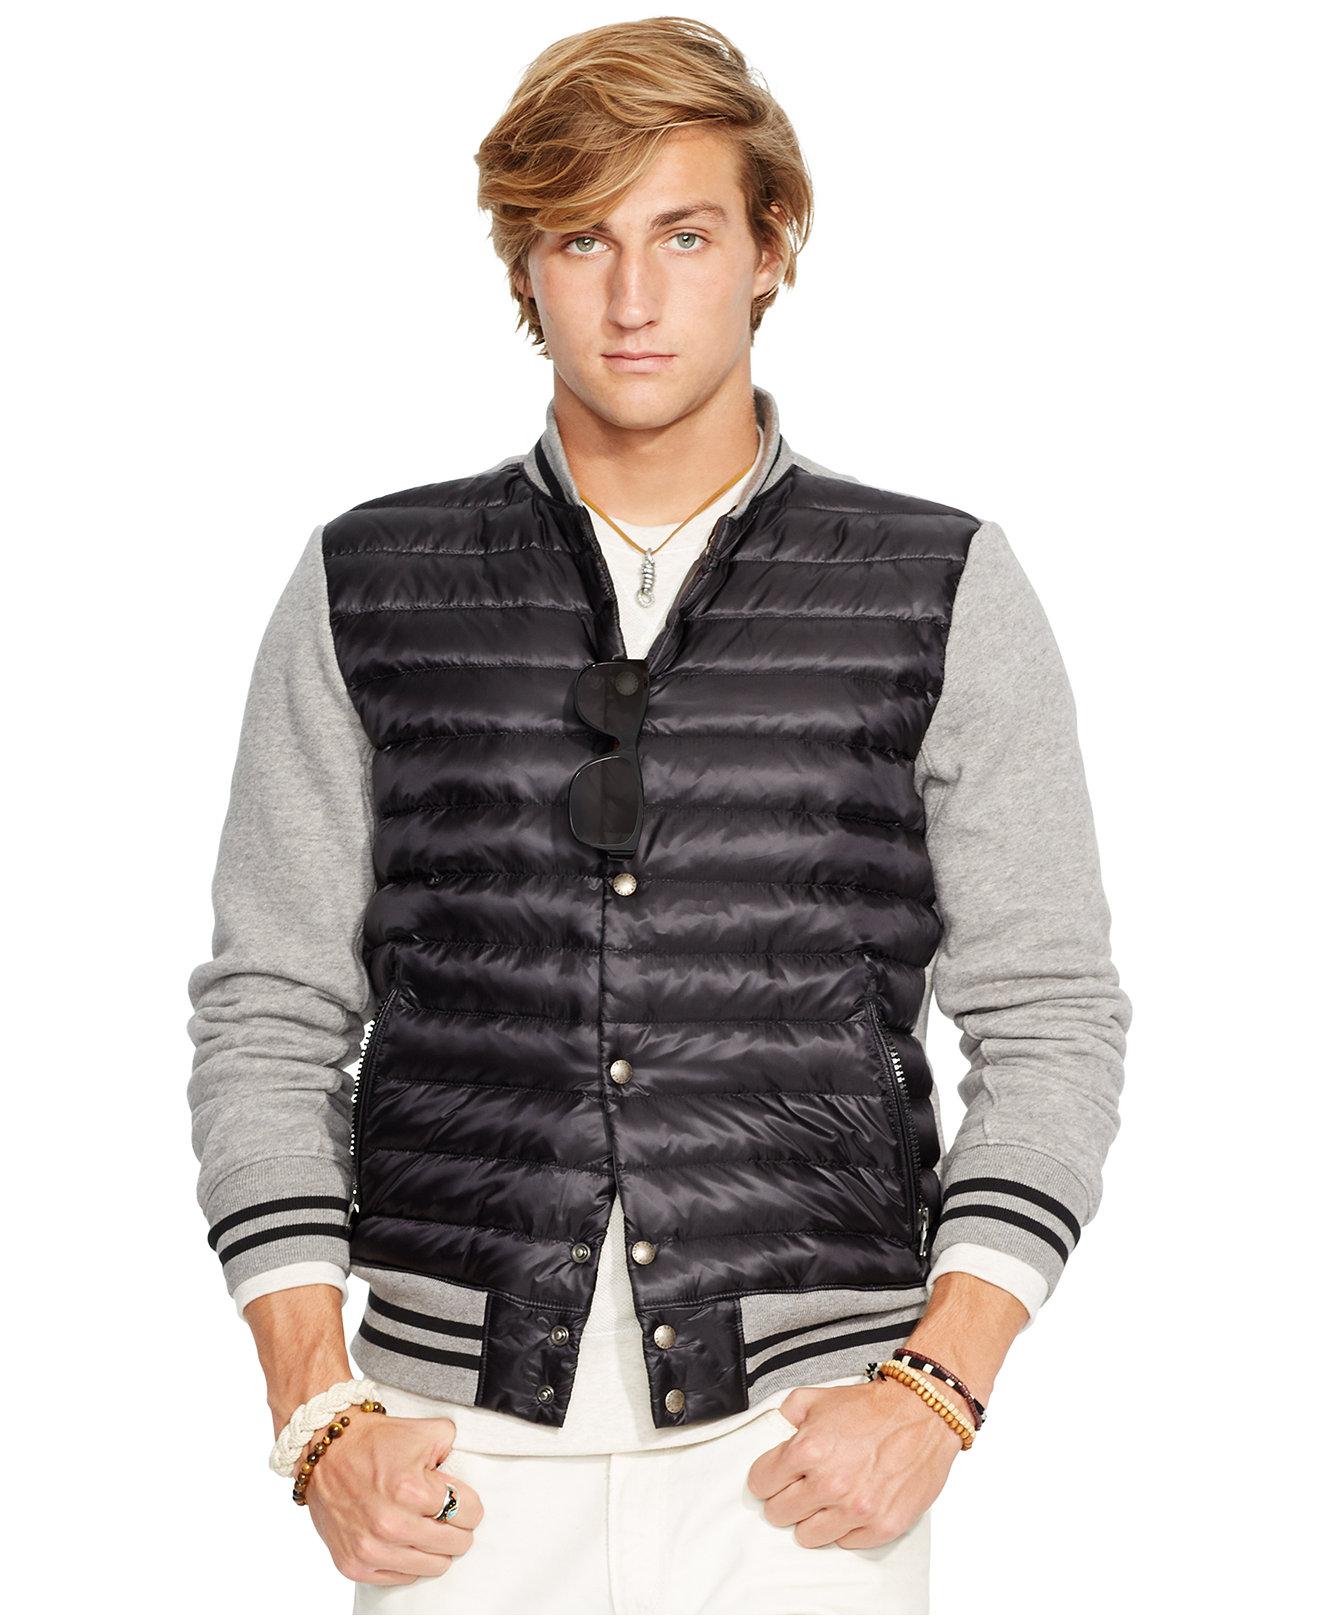 Куртка Polo ralph lauren 2015 POLO куртка ralph lauren куртки непромокаемые